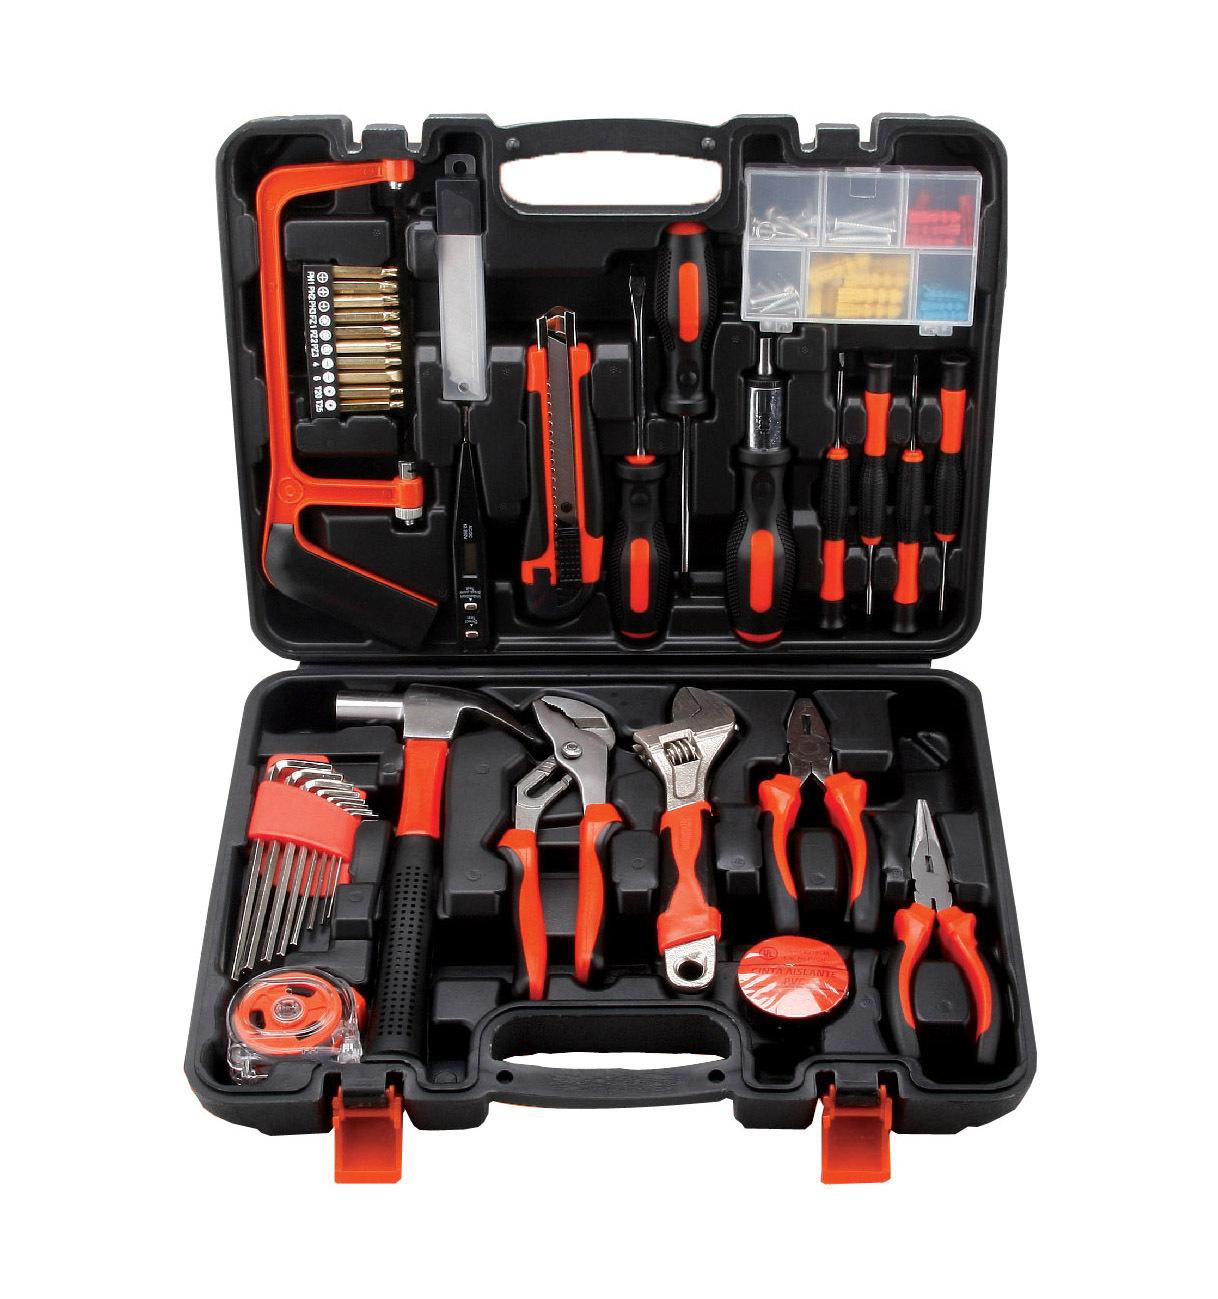 La cassetta degli attrezzi per la Lavorazione DEL LEGNO e di strumenti professionali Multi - funzione Hardware elettrico portatile del Mix di strumenti portatili di riparazione.